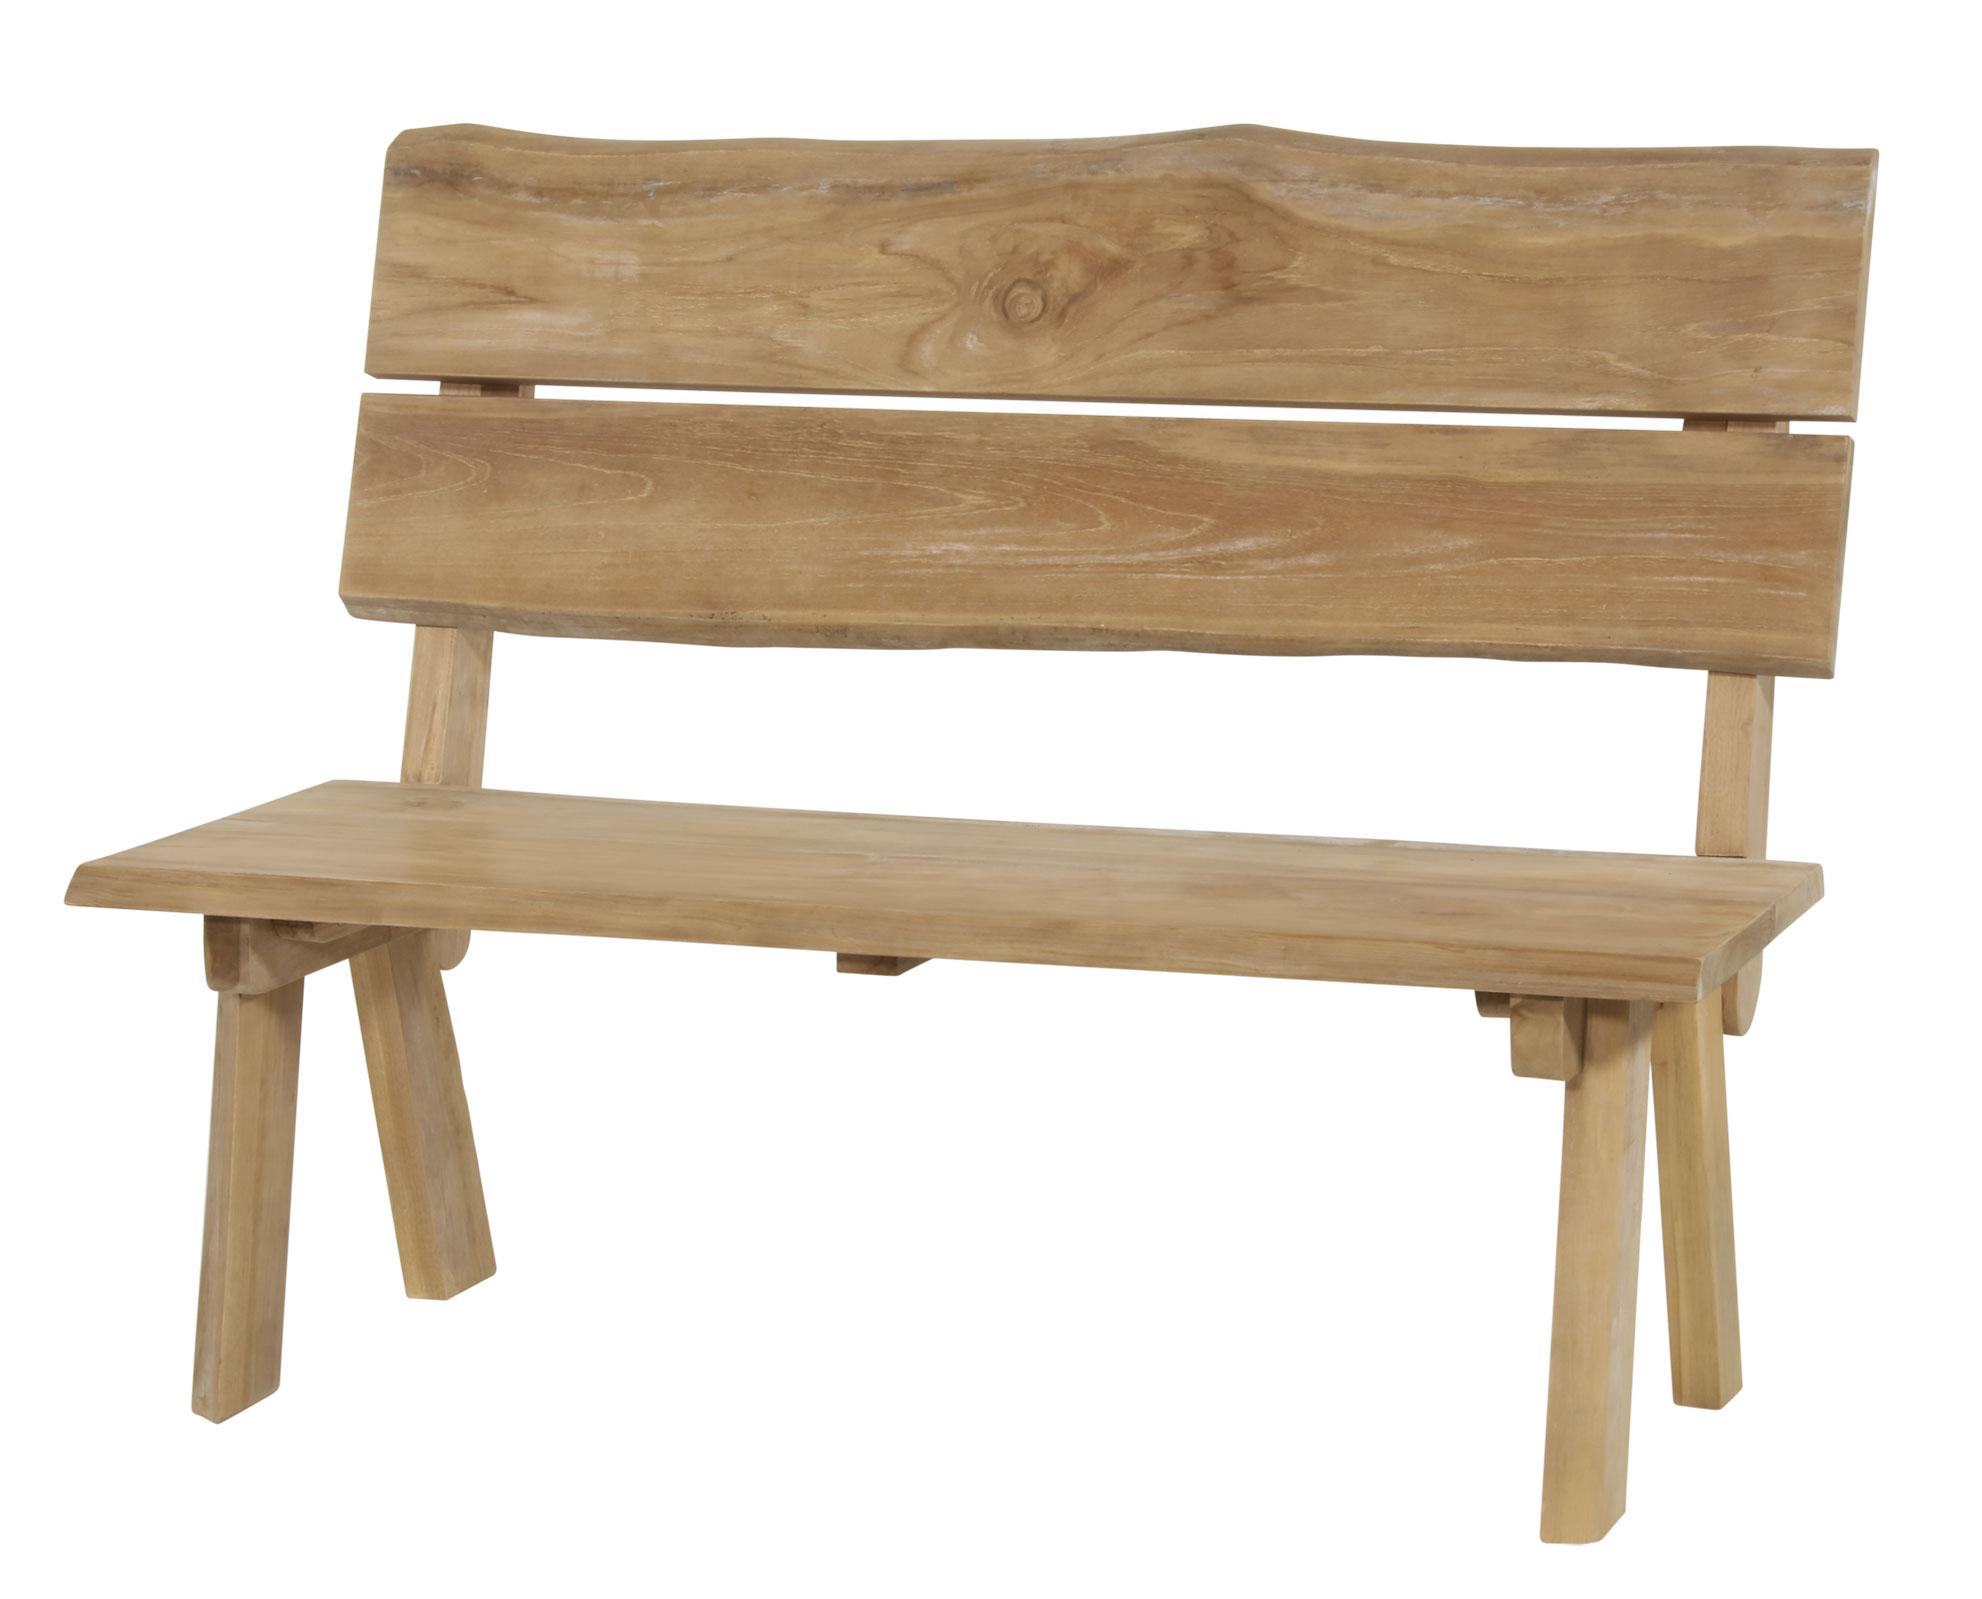 Gartenbank Baumstamm Lesli  Living 2-Sitzer Teakholz 130cm Bild 1